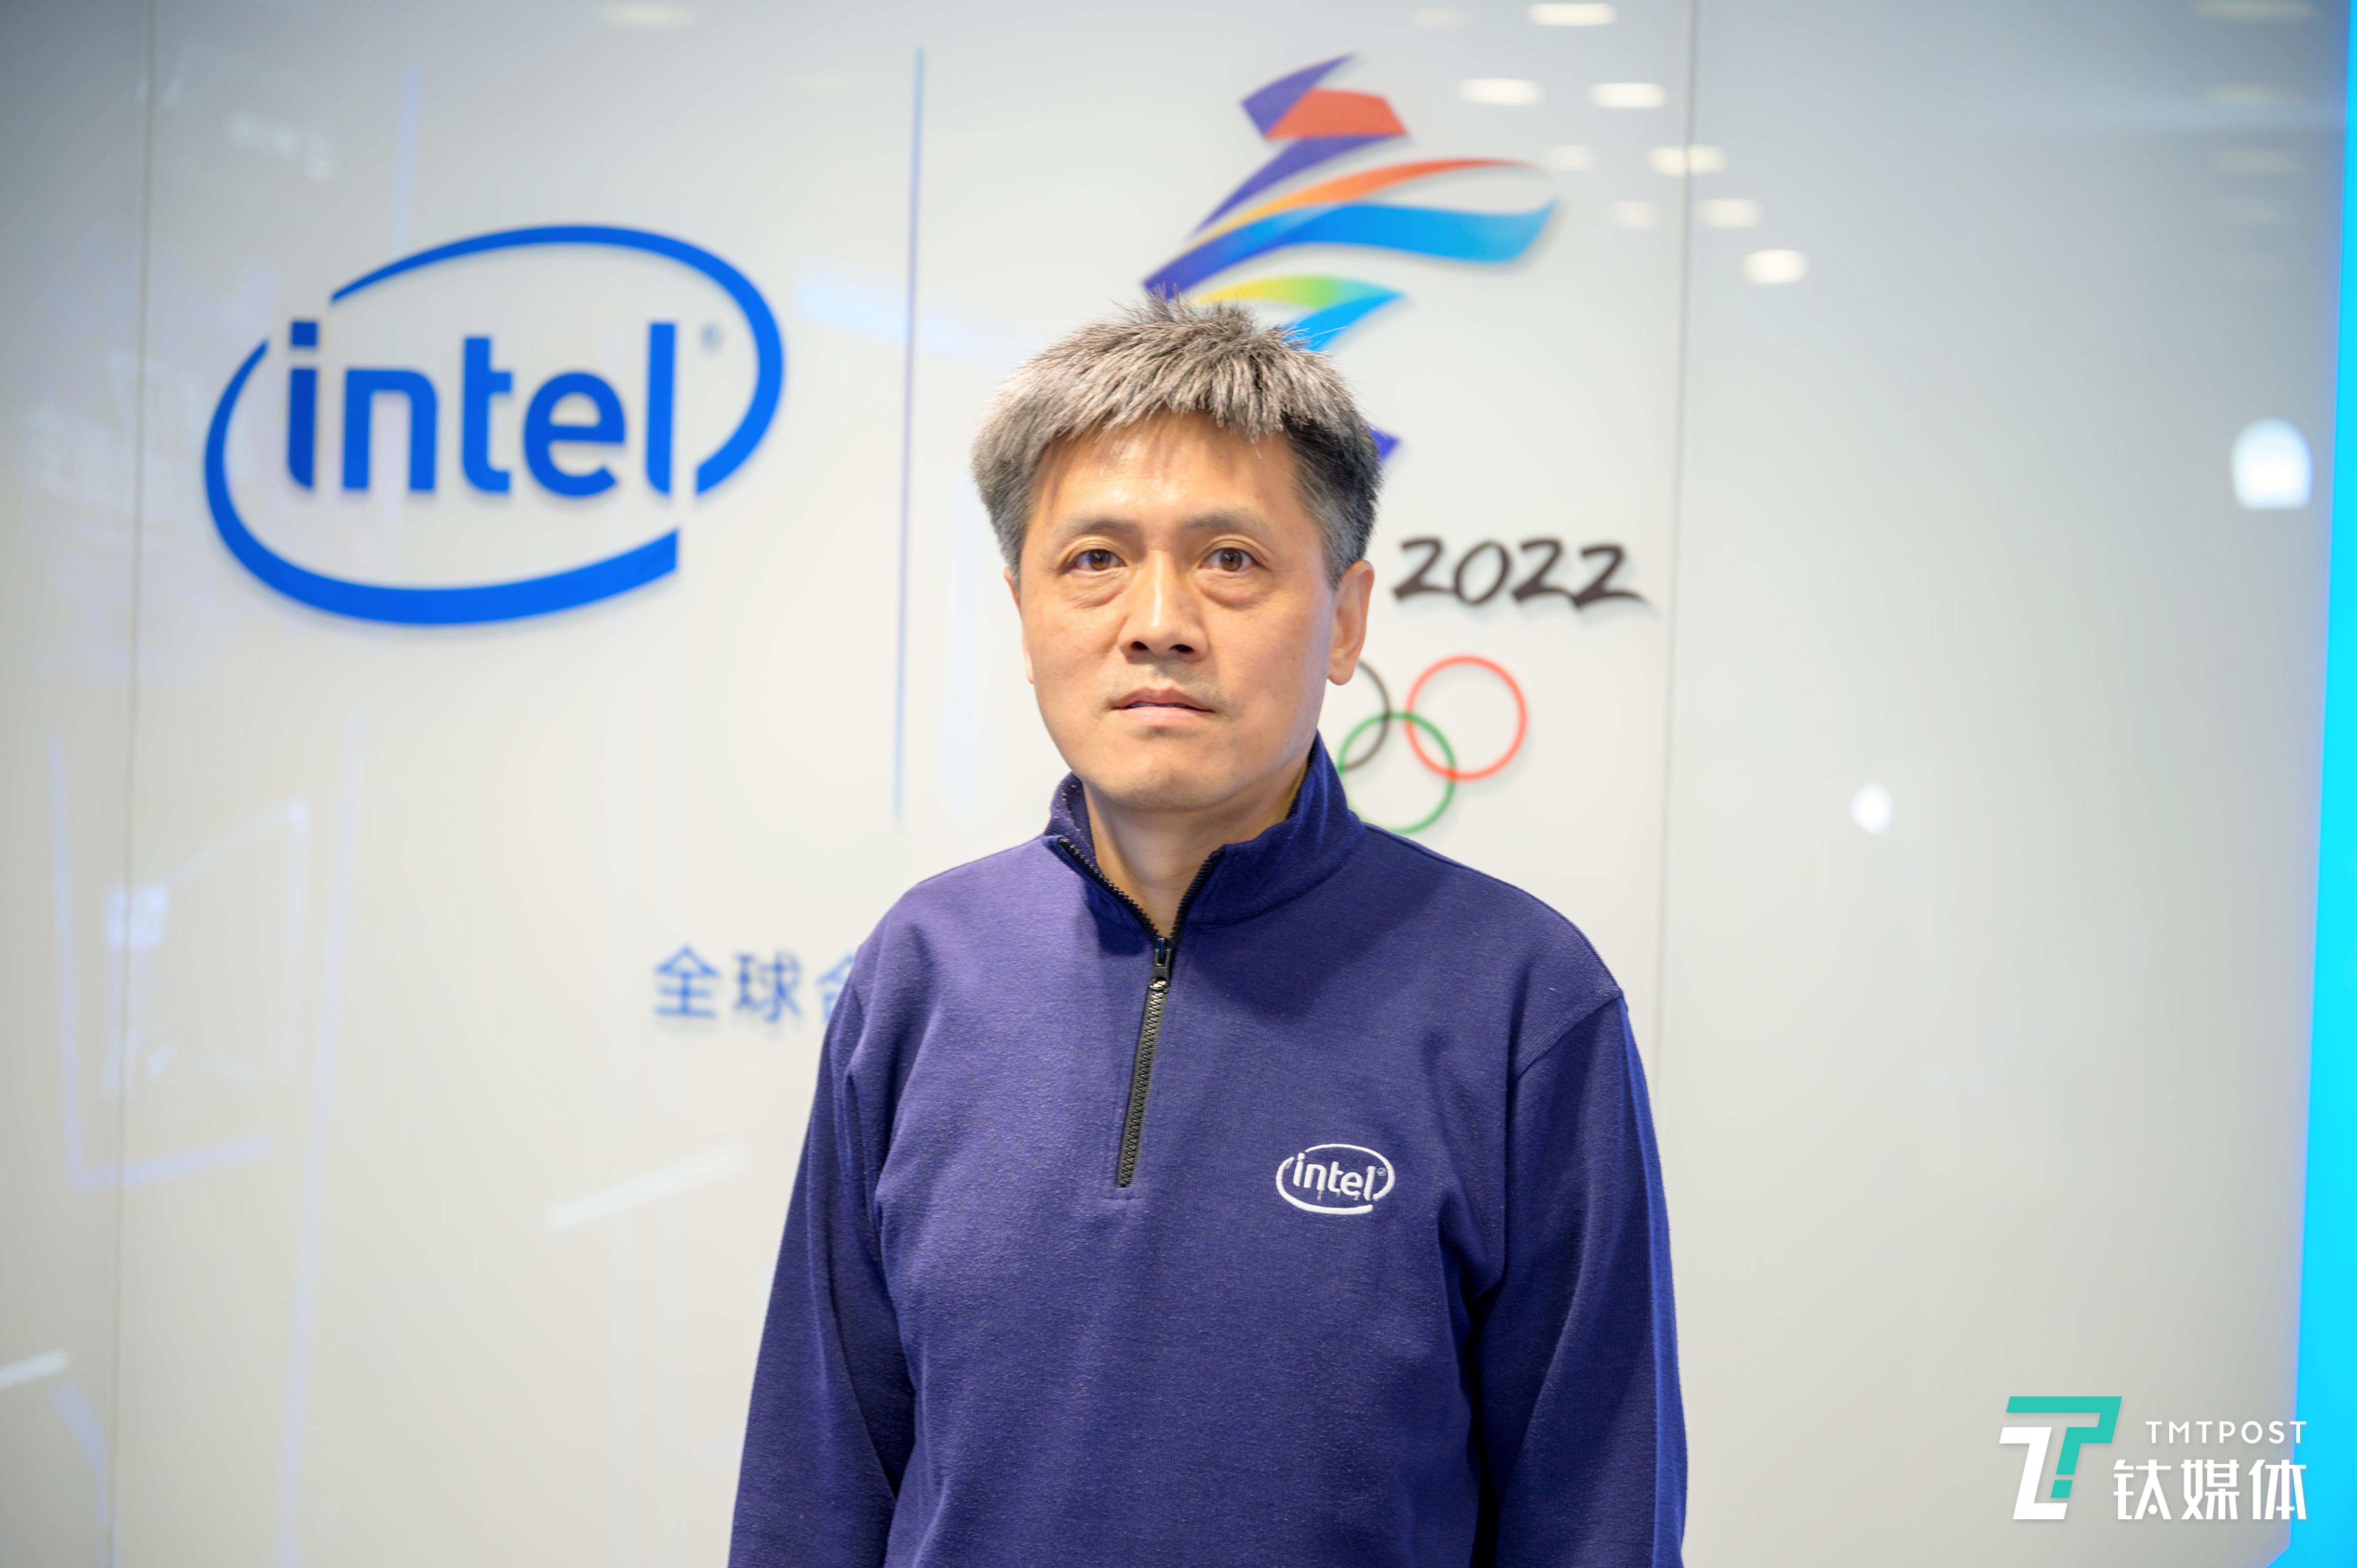 英特尔公司计算机平台资深产品经理鞠胜利